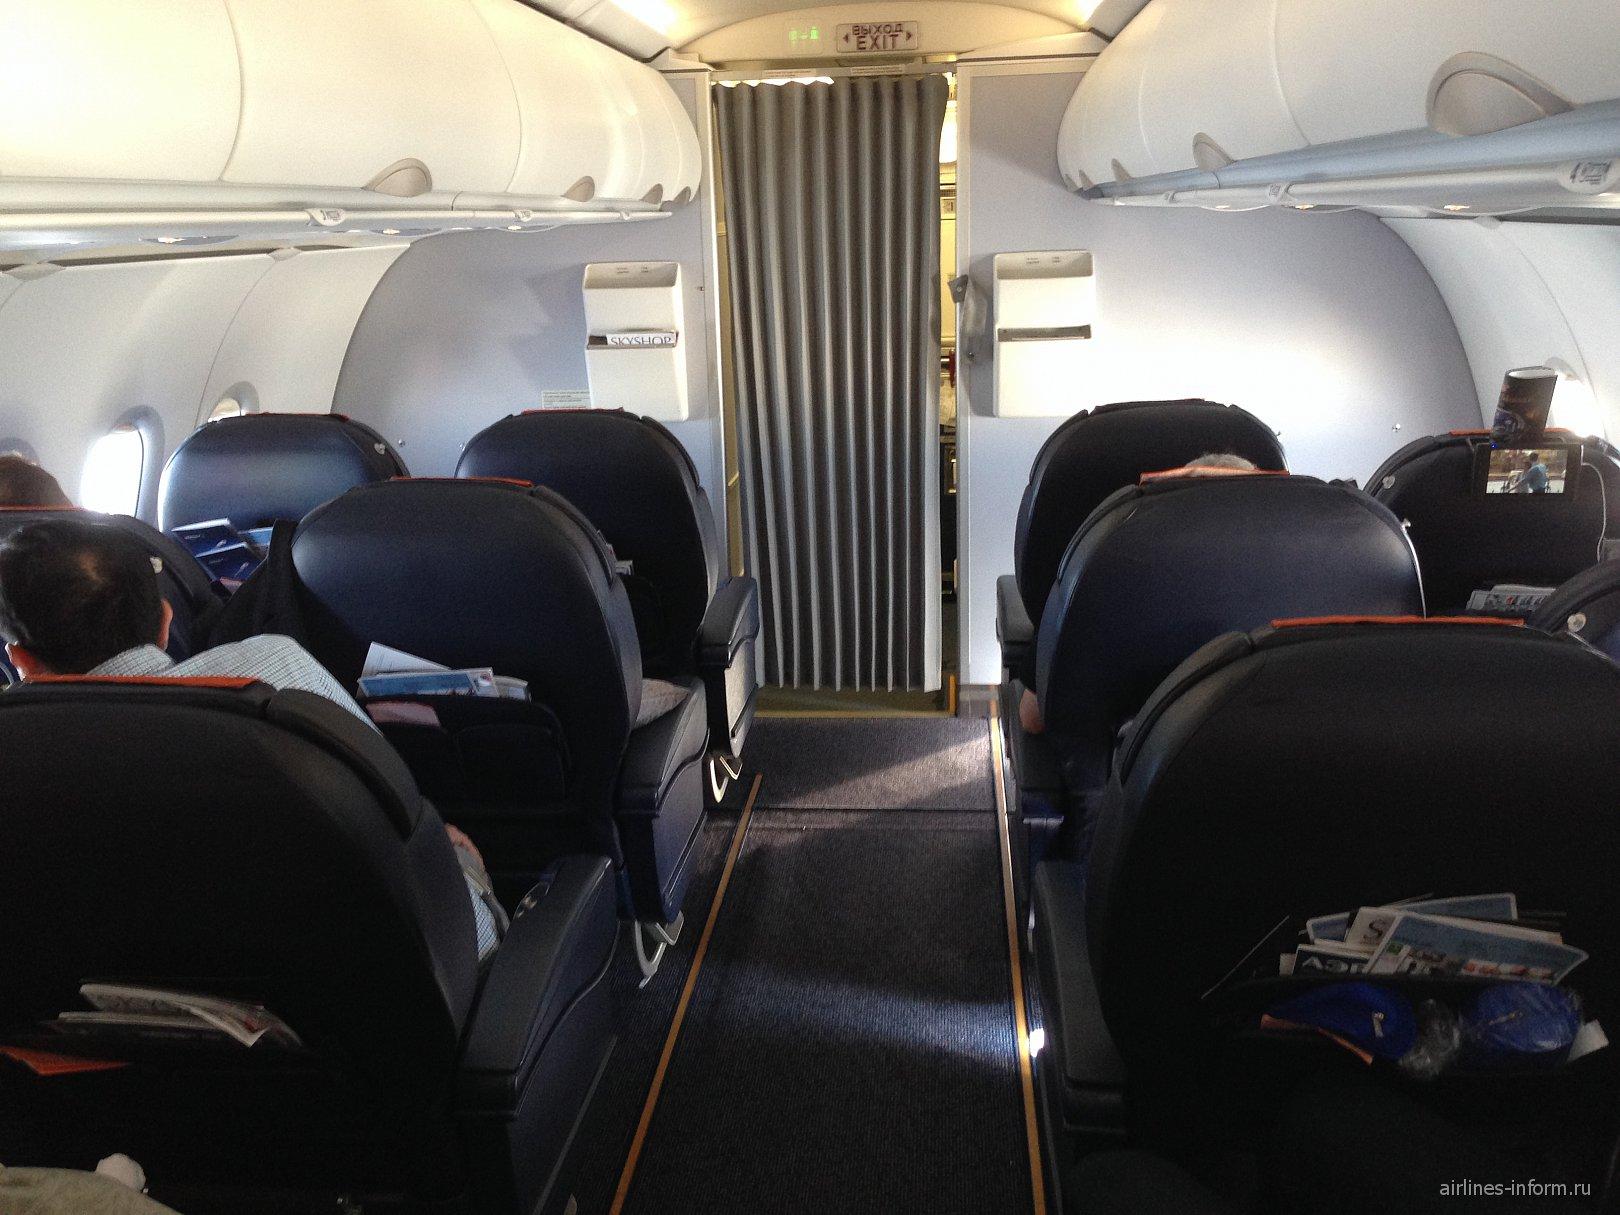 Салон бизнес-класса в самолете Airbus A320 Аэрофлота